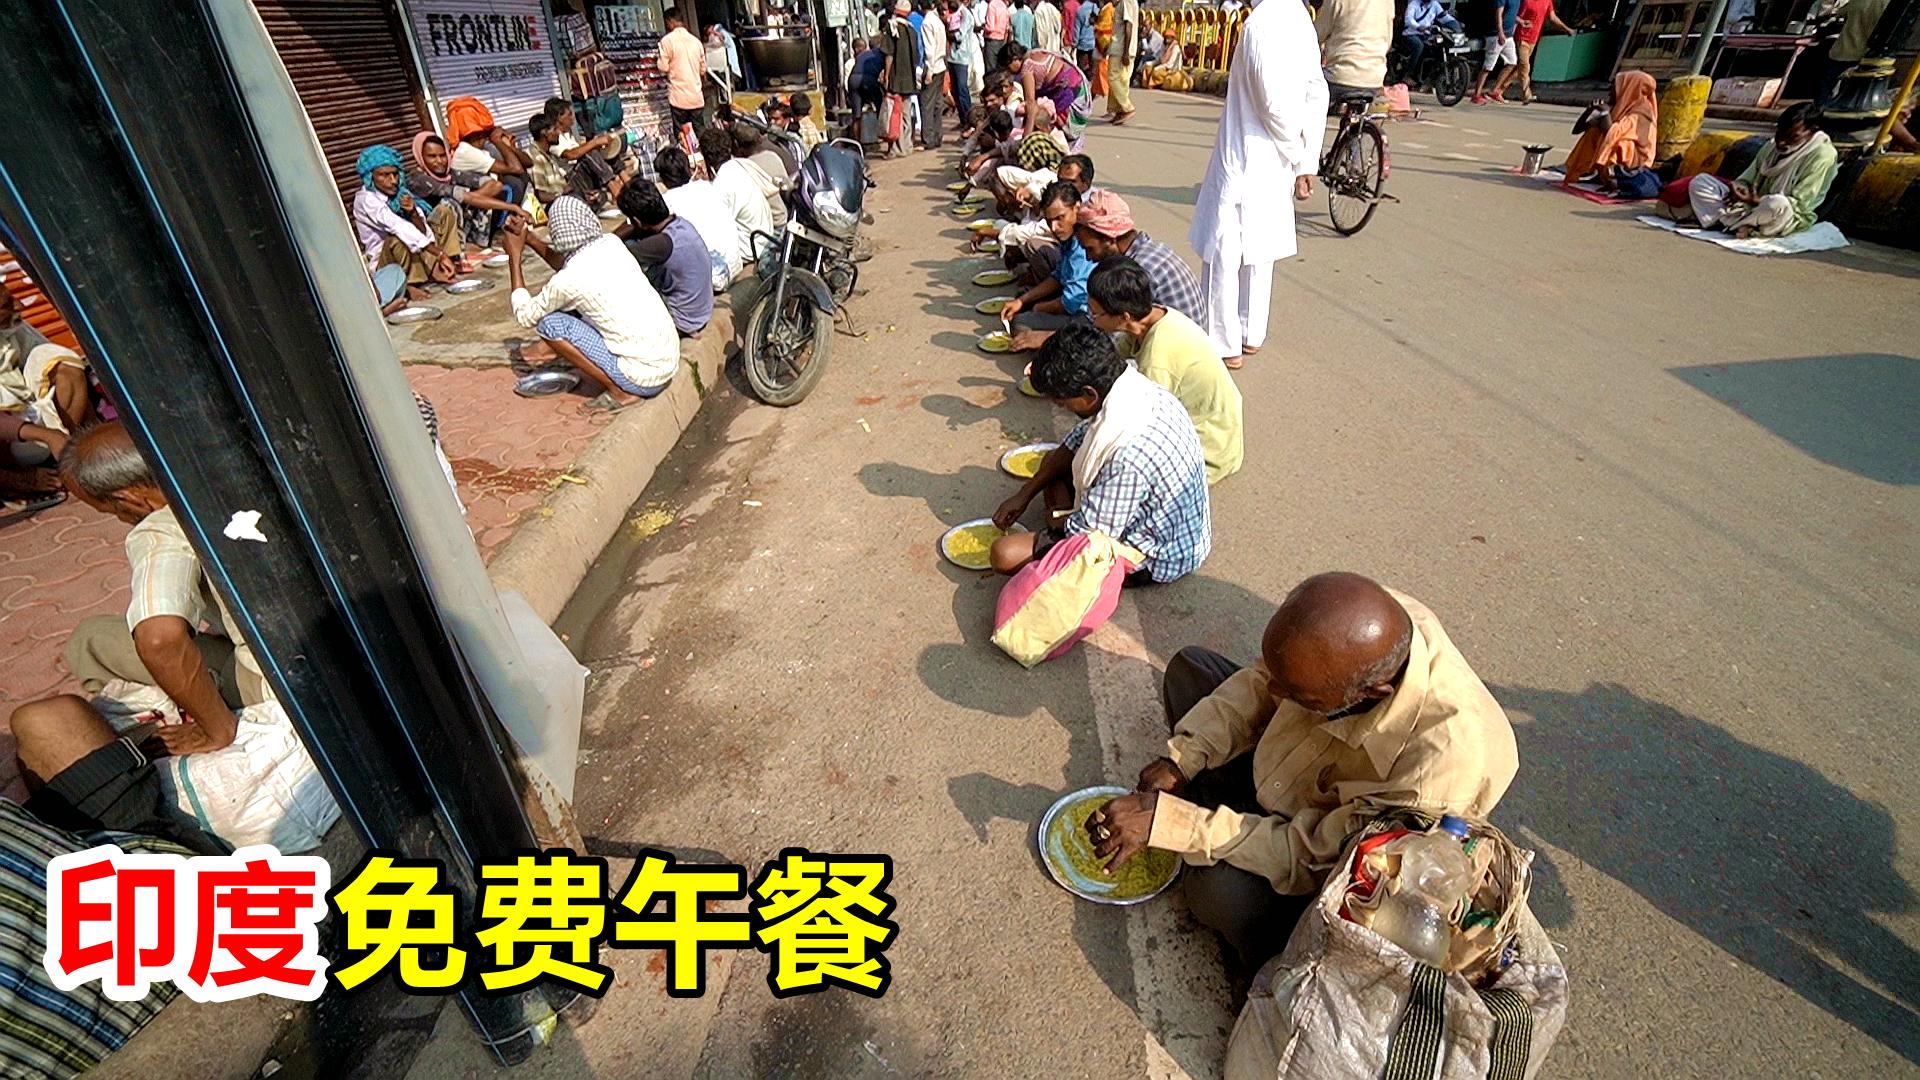 印度人坐成一排,路边领免费午餐,中国小哥想体验一回